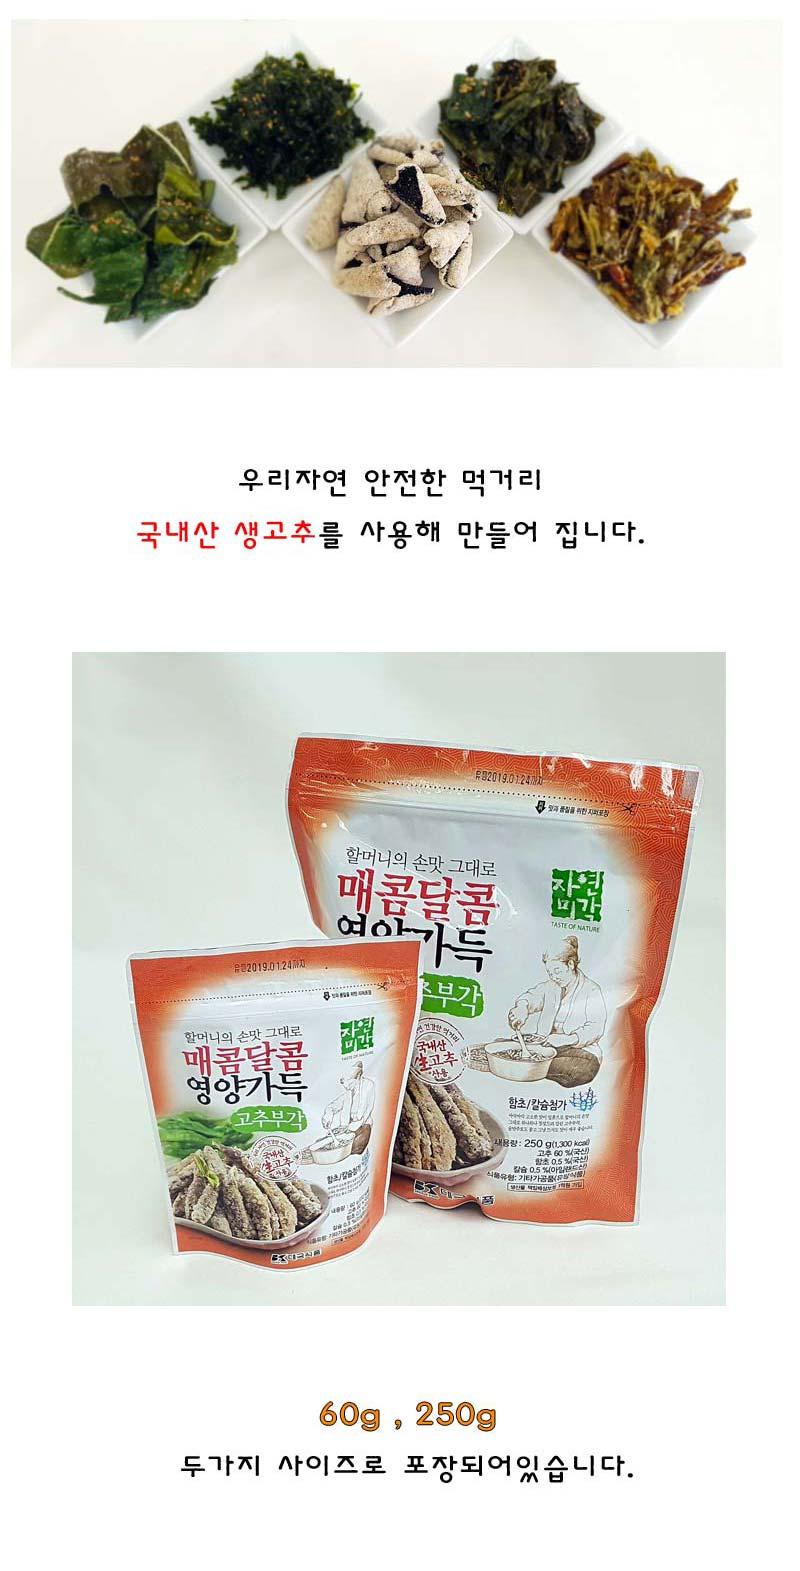 매콤달콤 영양가득 고추부각 60g 250g 세트 - 도나모, 9,900원, 스낵, 스낵